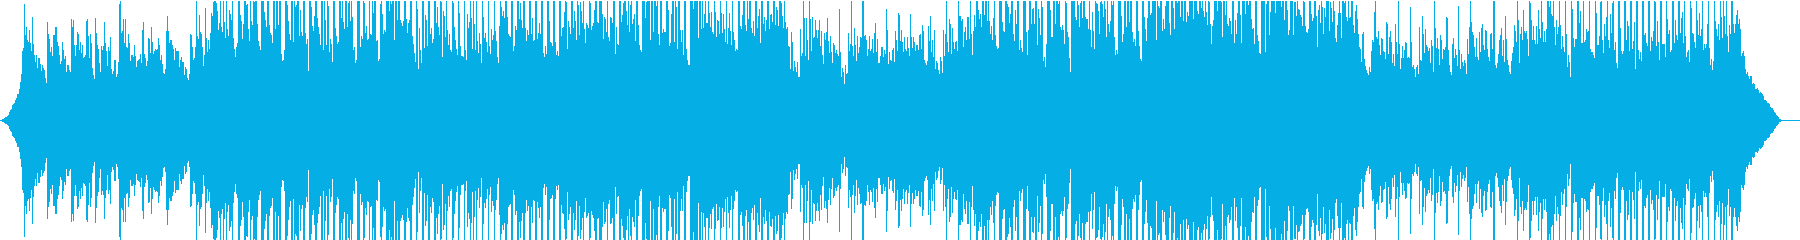 ポップ テクノ インディーズ ロッ...の再生済みの波形